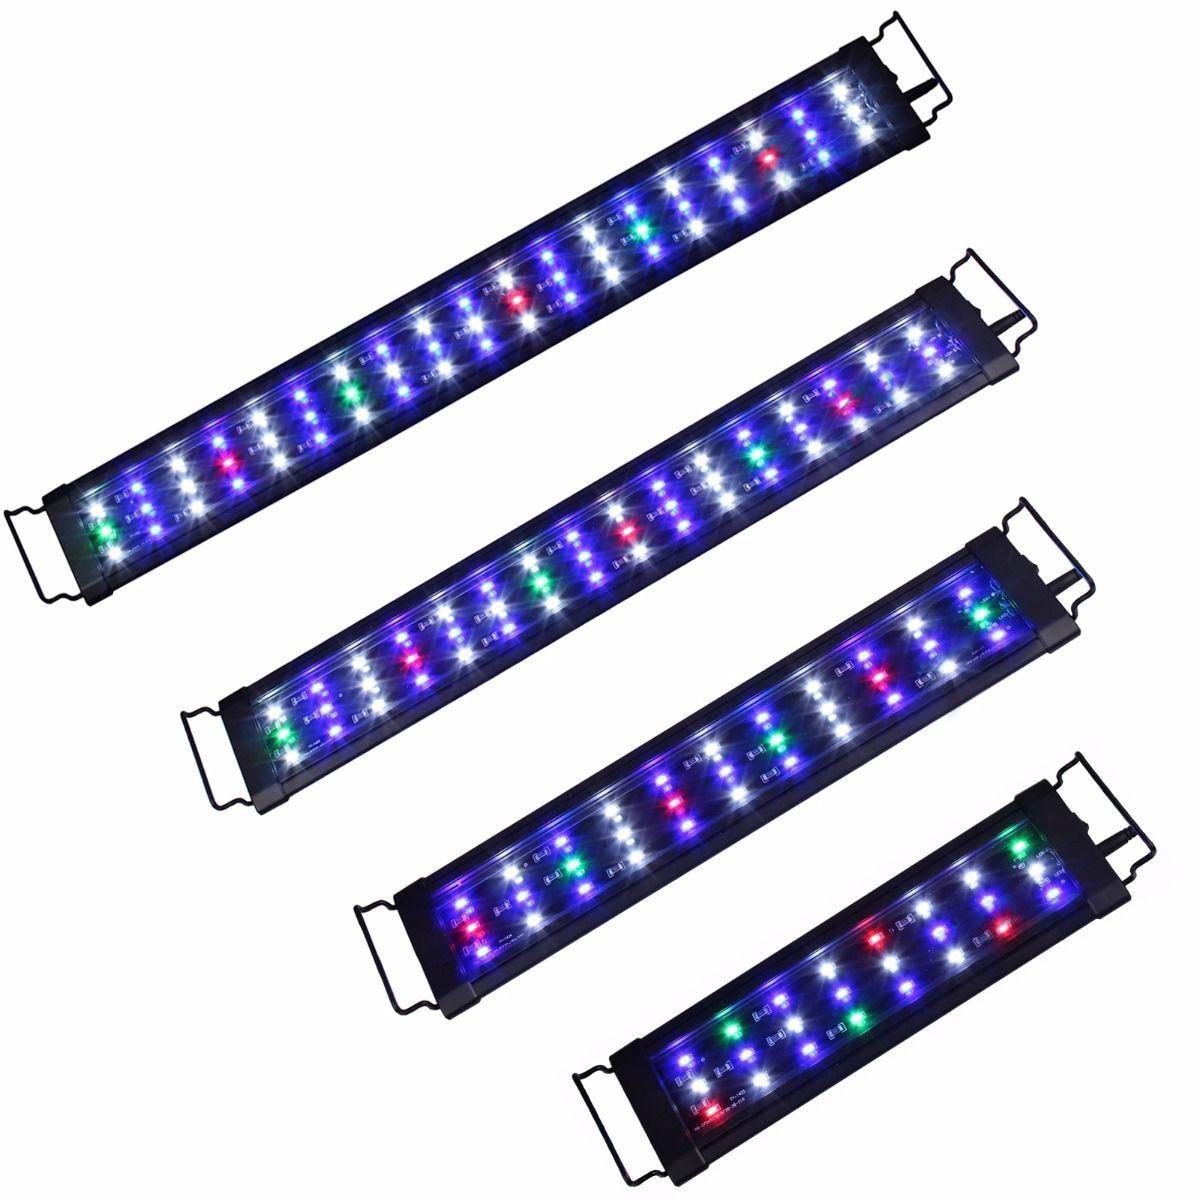 60/90/120cm Aquarium LED Grow Light Full Spectrum LED Phytolamp For Aquatic Plants Aquarium Lighting 110 240V